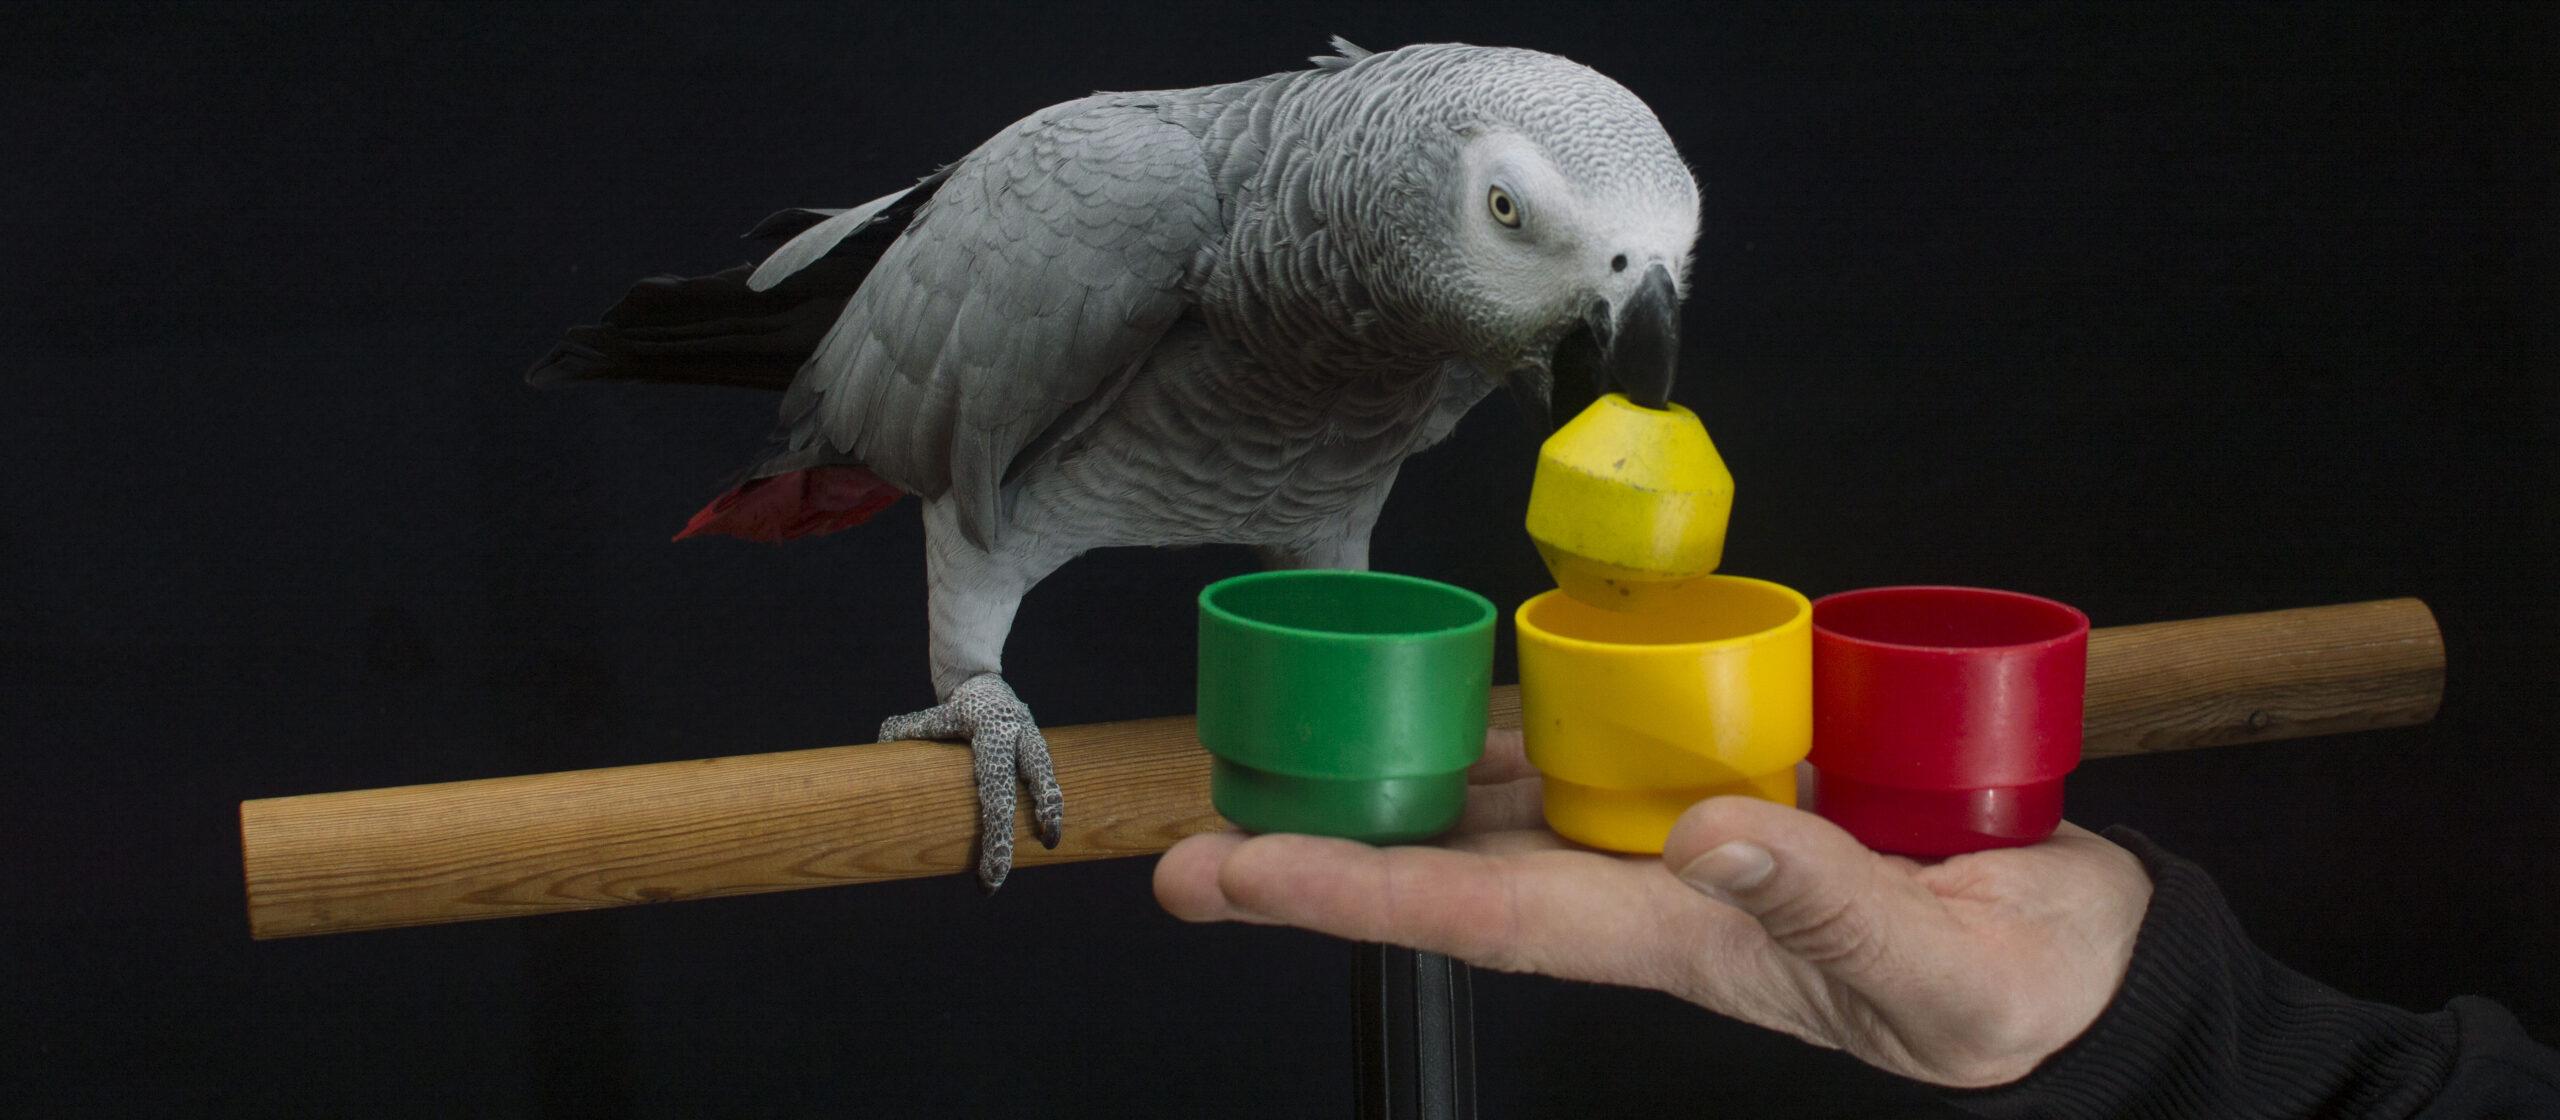 Parrot show 2